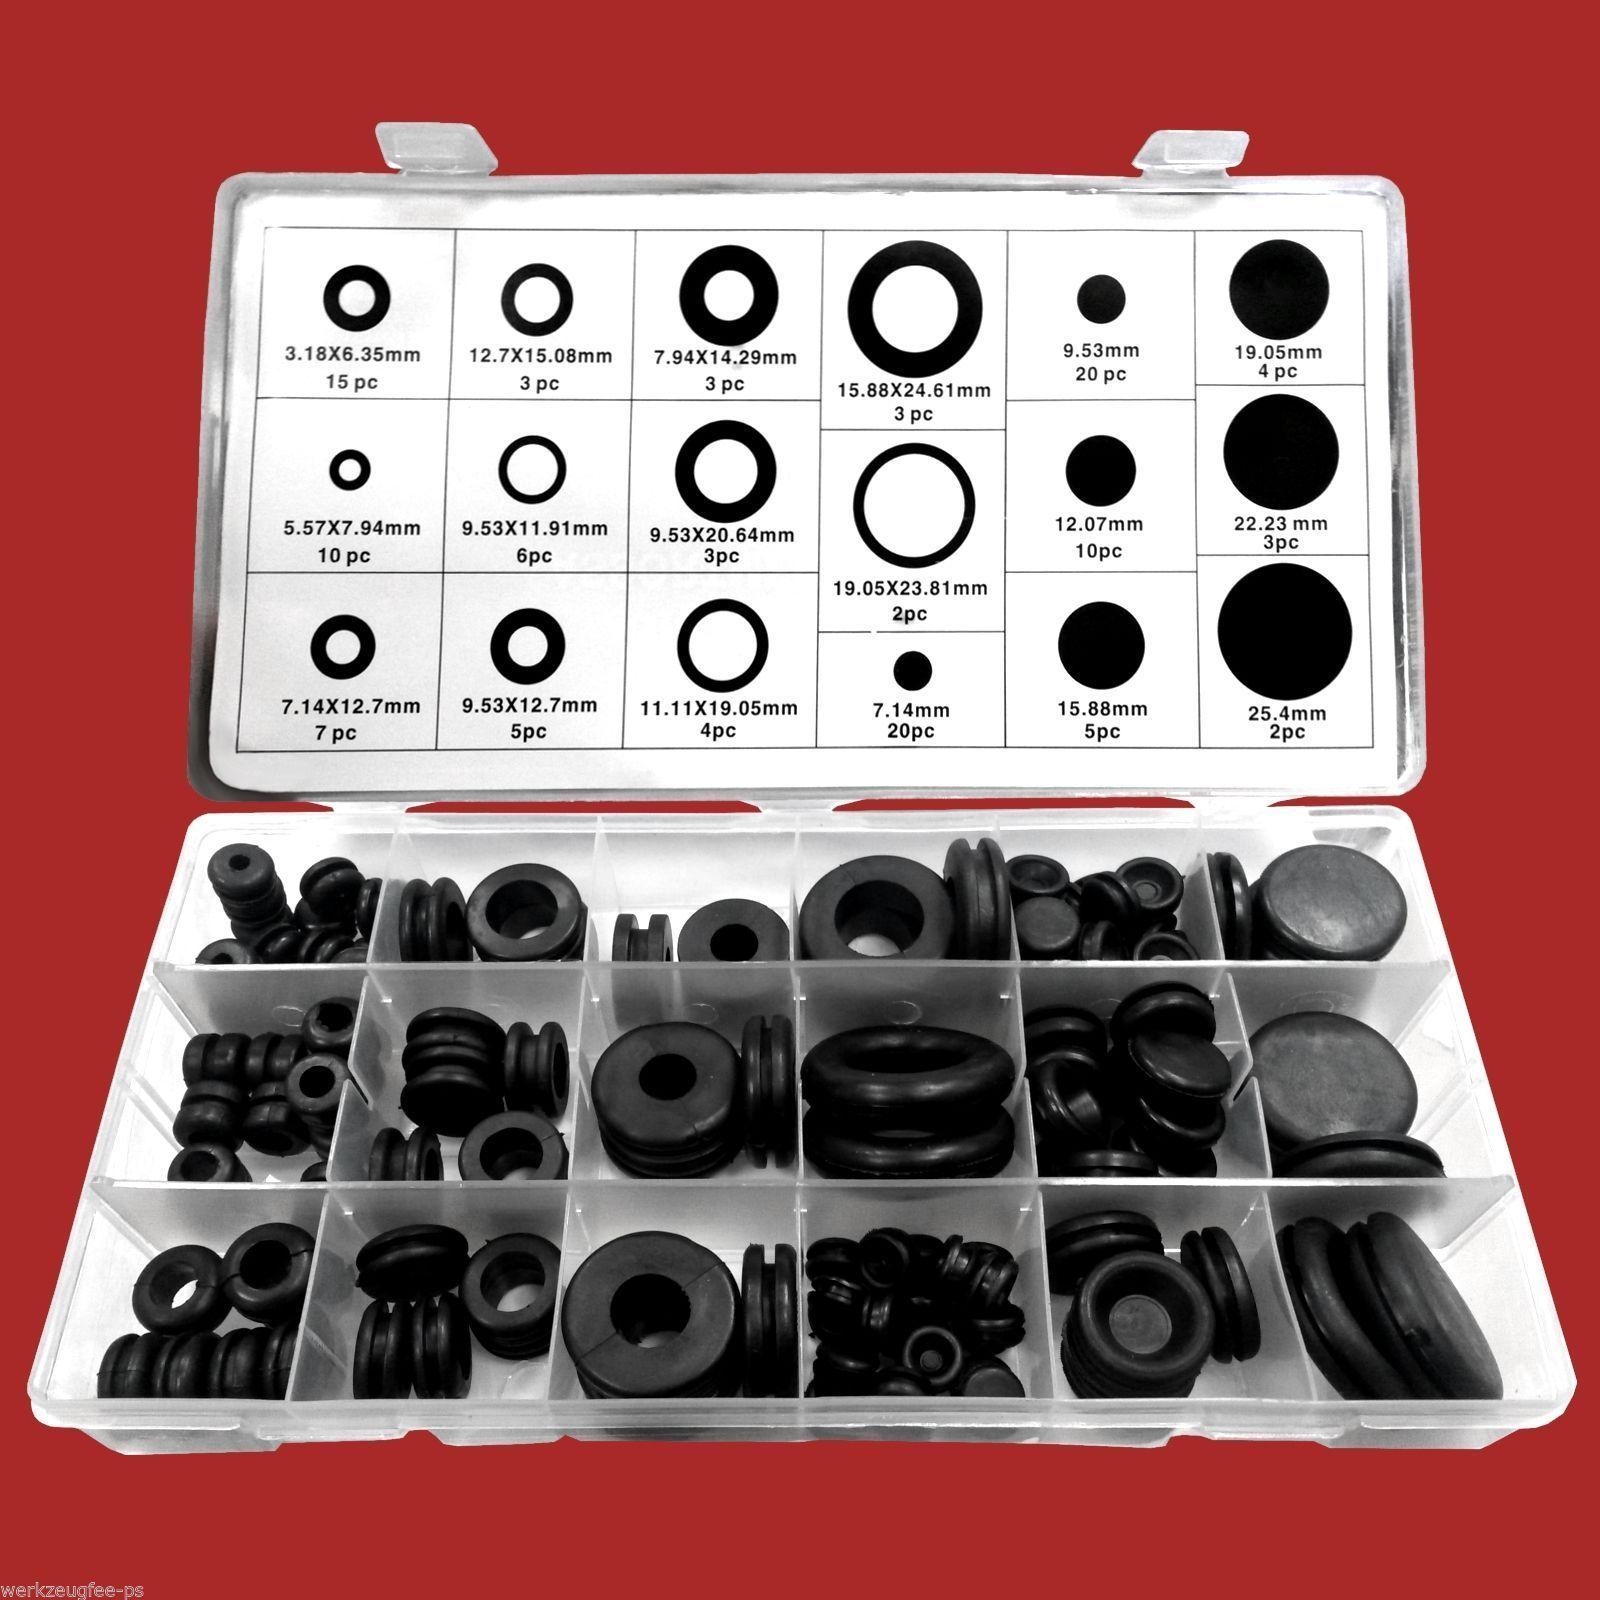 125-tlg. Gummi-Durchgangstüllen-Sortiment Gummistopfen Set Box Blindstopfen Satz